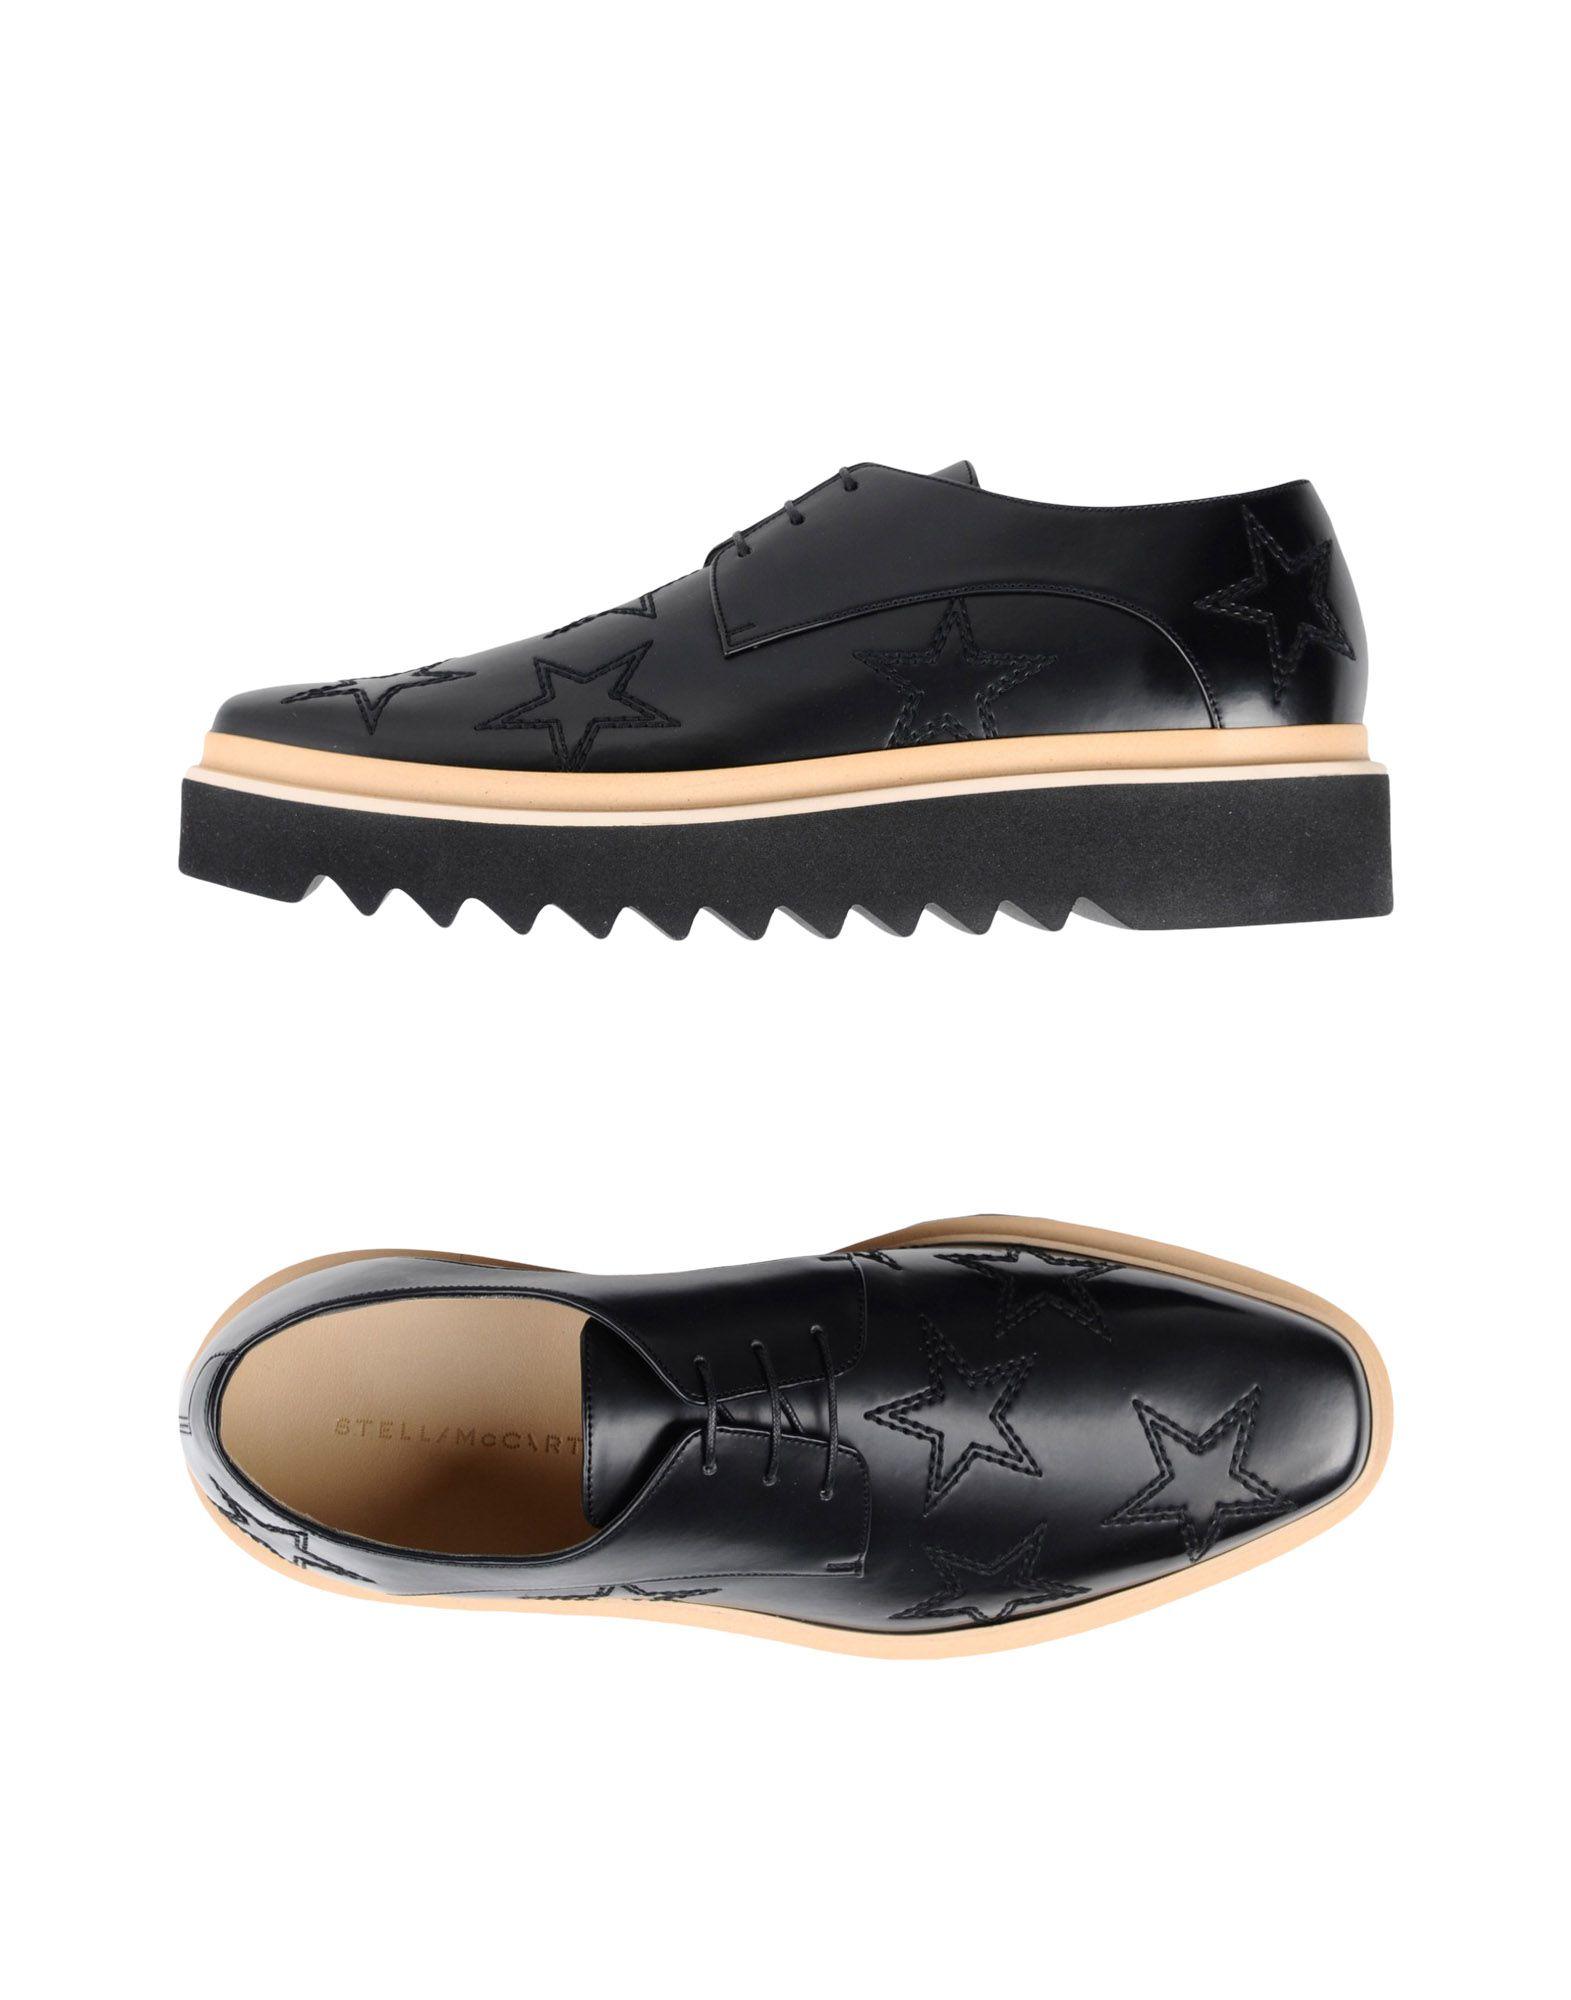 Stella Mccartney Schnürschuhe Herren  11465430BK Gute Qualität beliebte Schuhe